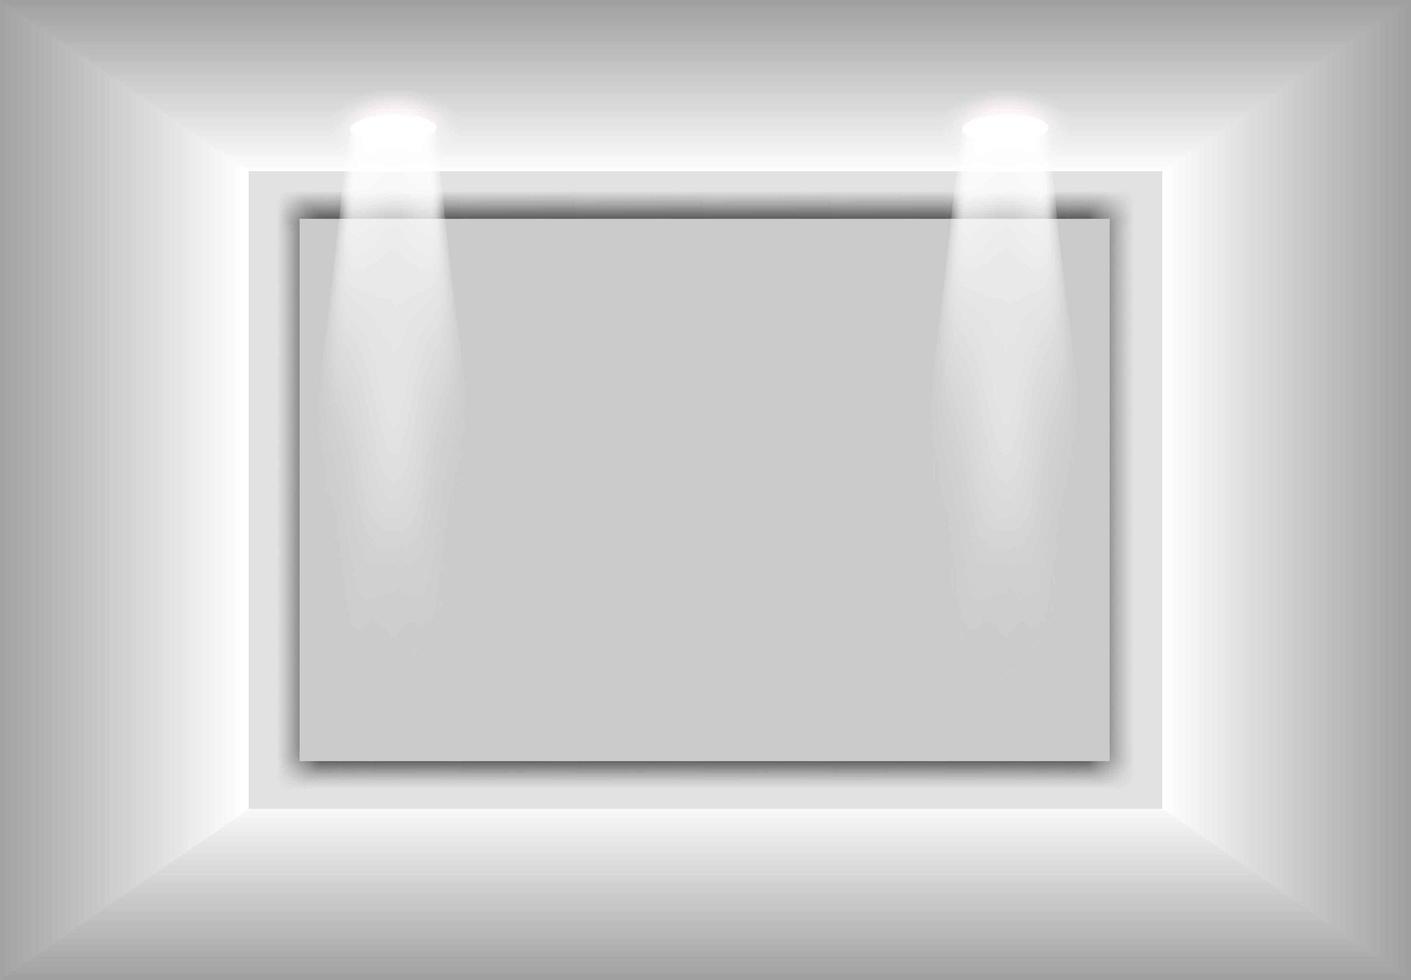 Maqueta 3d interior gris degradado simple para su marca vector